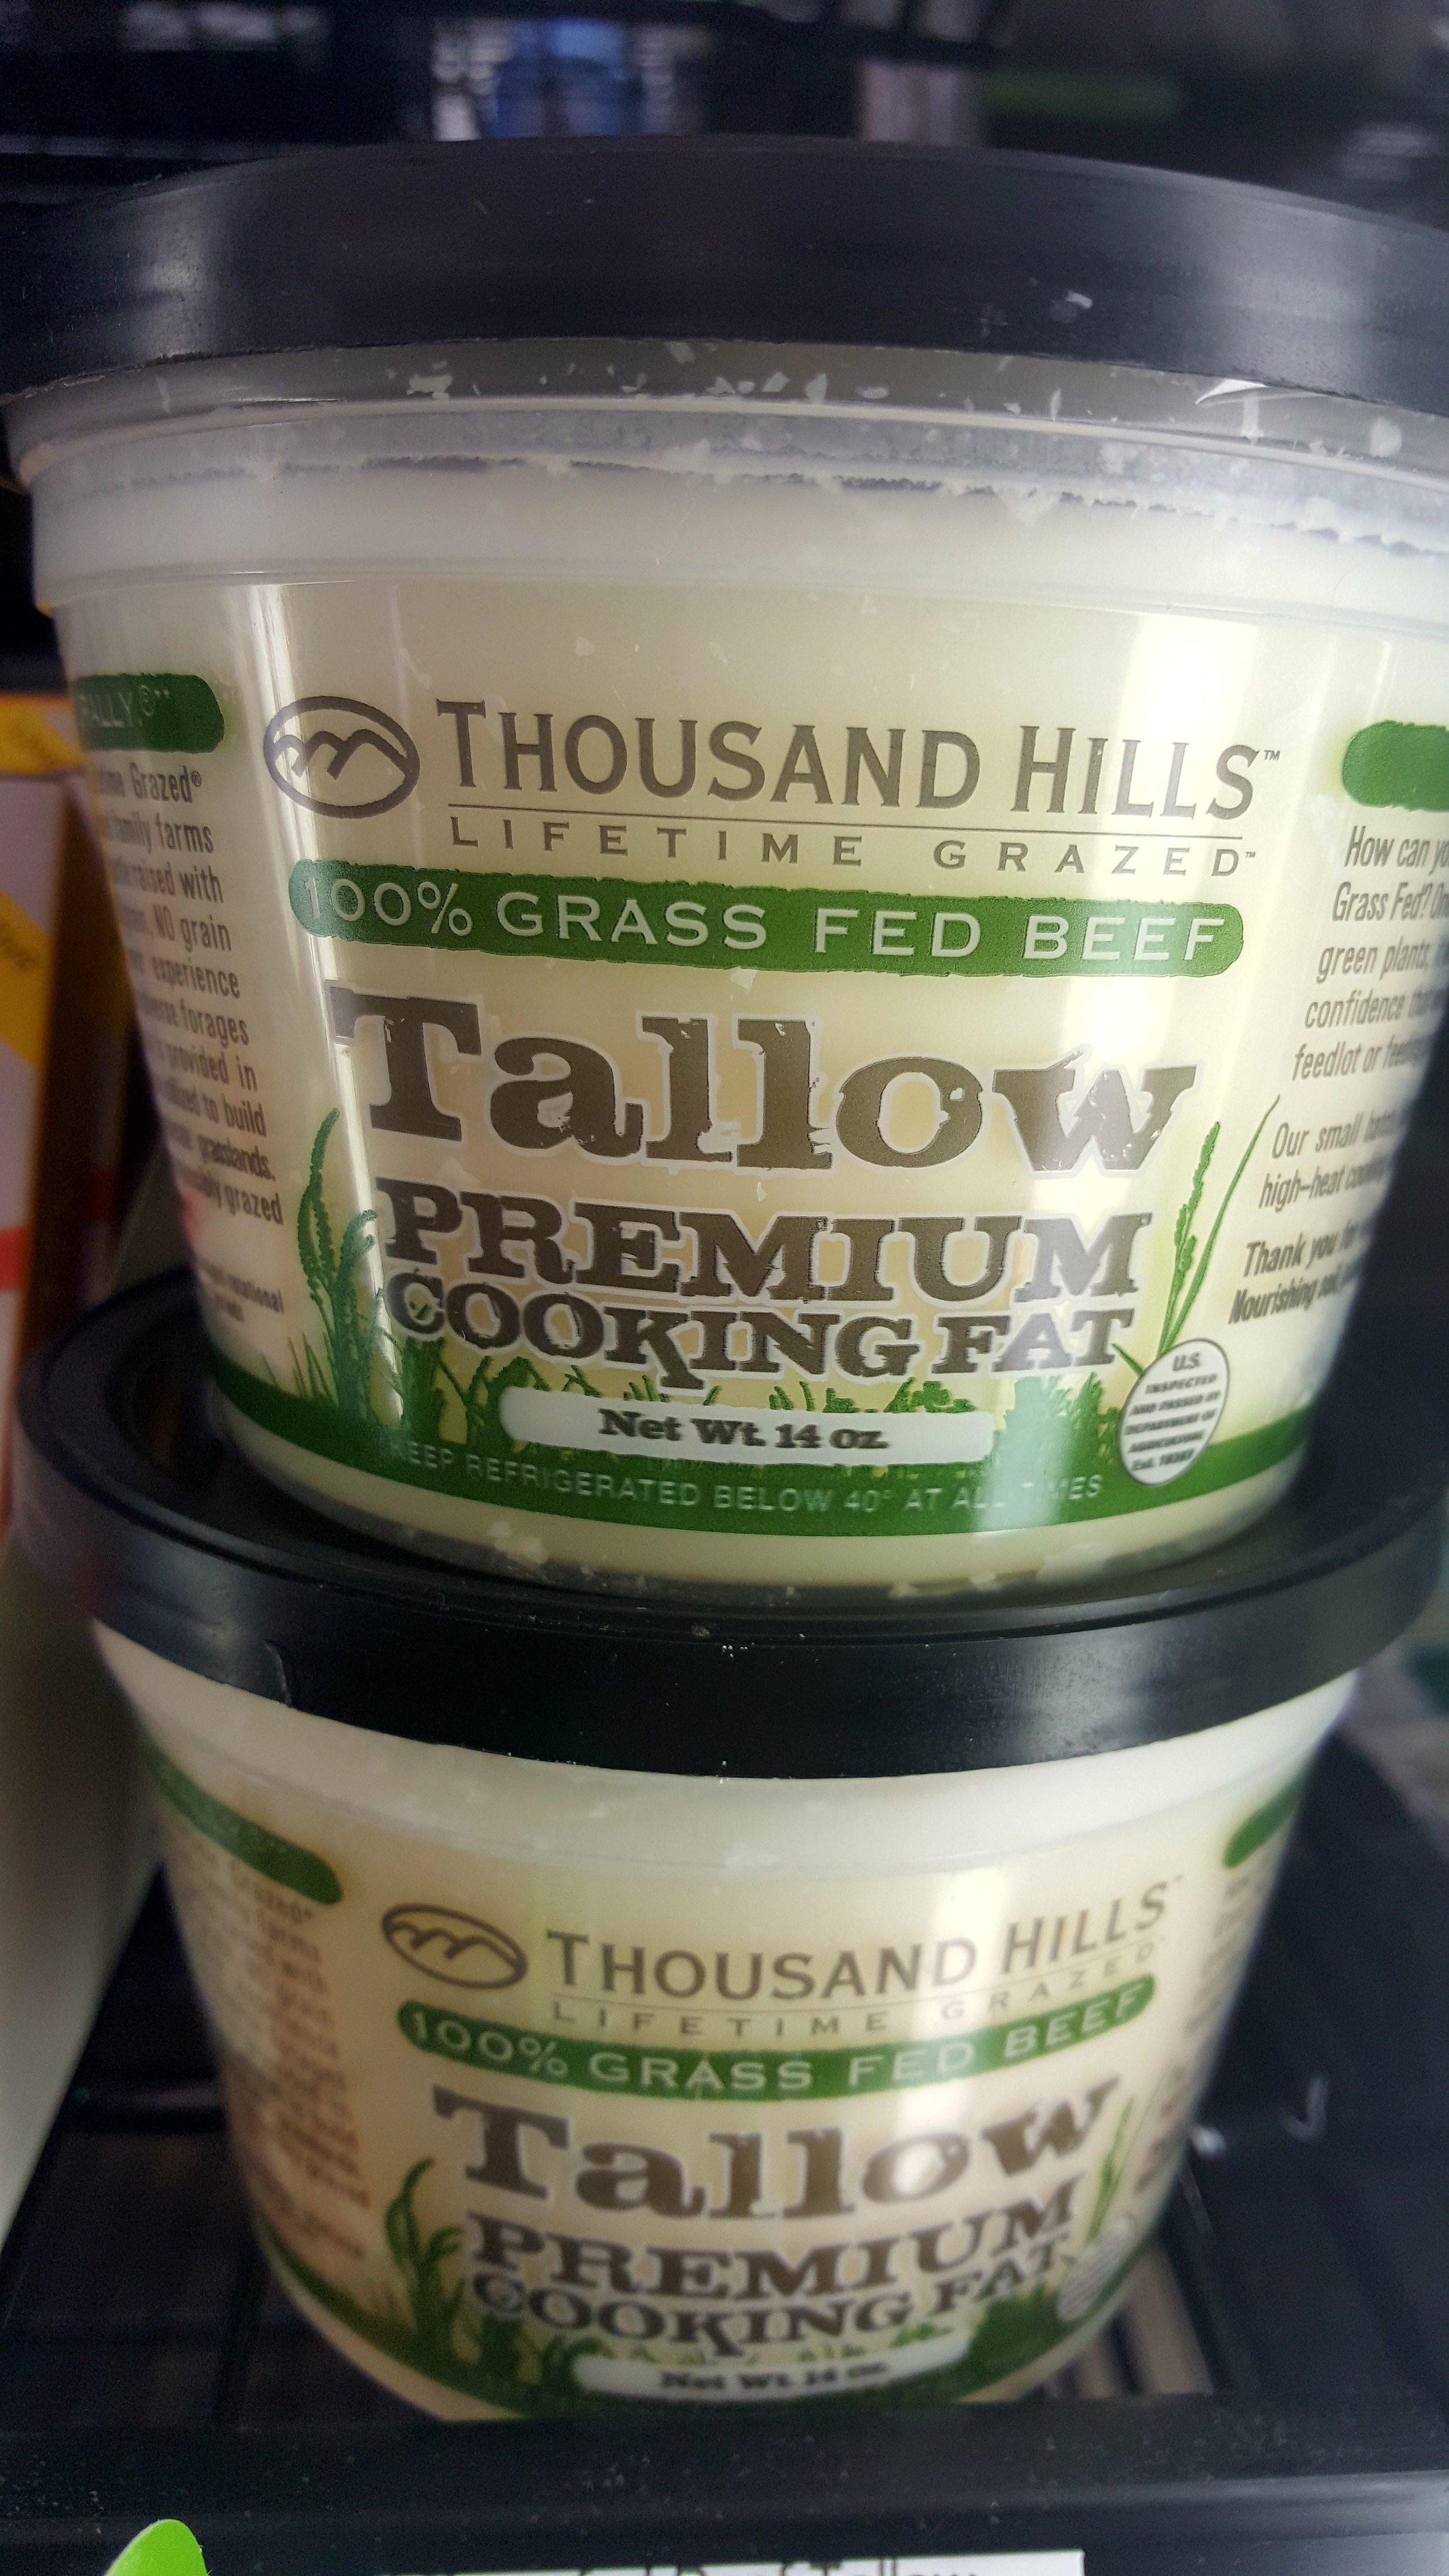 Thousand Hills Grass Fed Beef Tallow